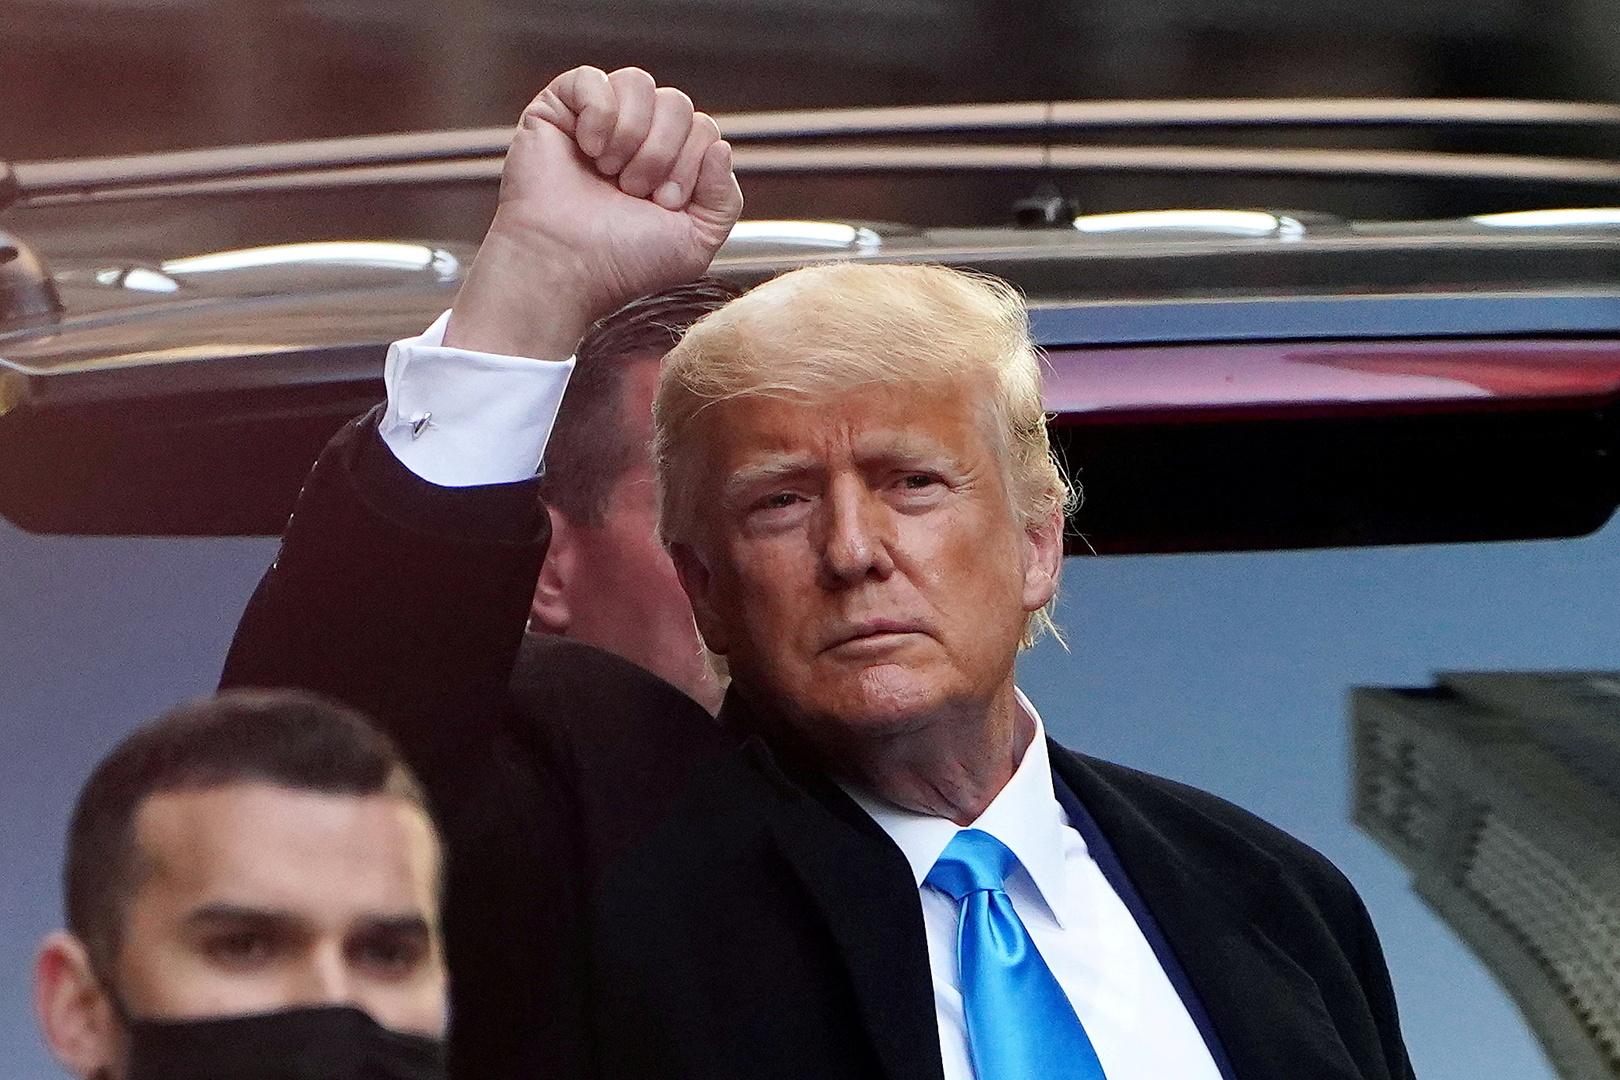 ترامب عن إمكانية ترشح ميغان ماركل للرئاسة: أتمنى أن يحدث ذلك